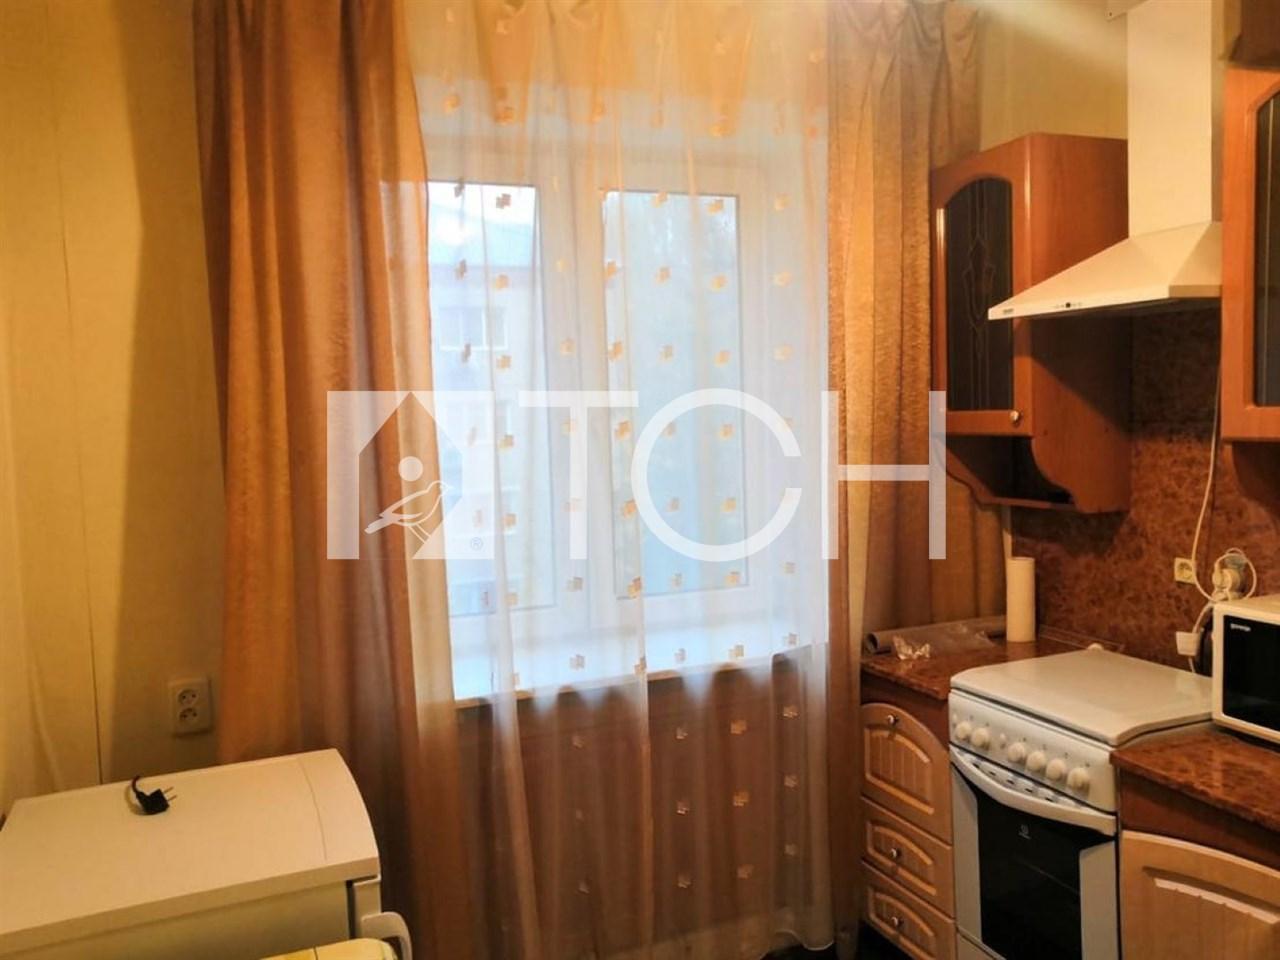 Квартира, 2 комнаты, 44 м² в Ивантеевке 89261425000 купить 9